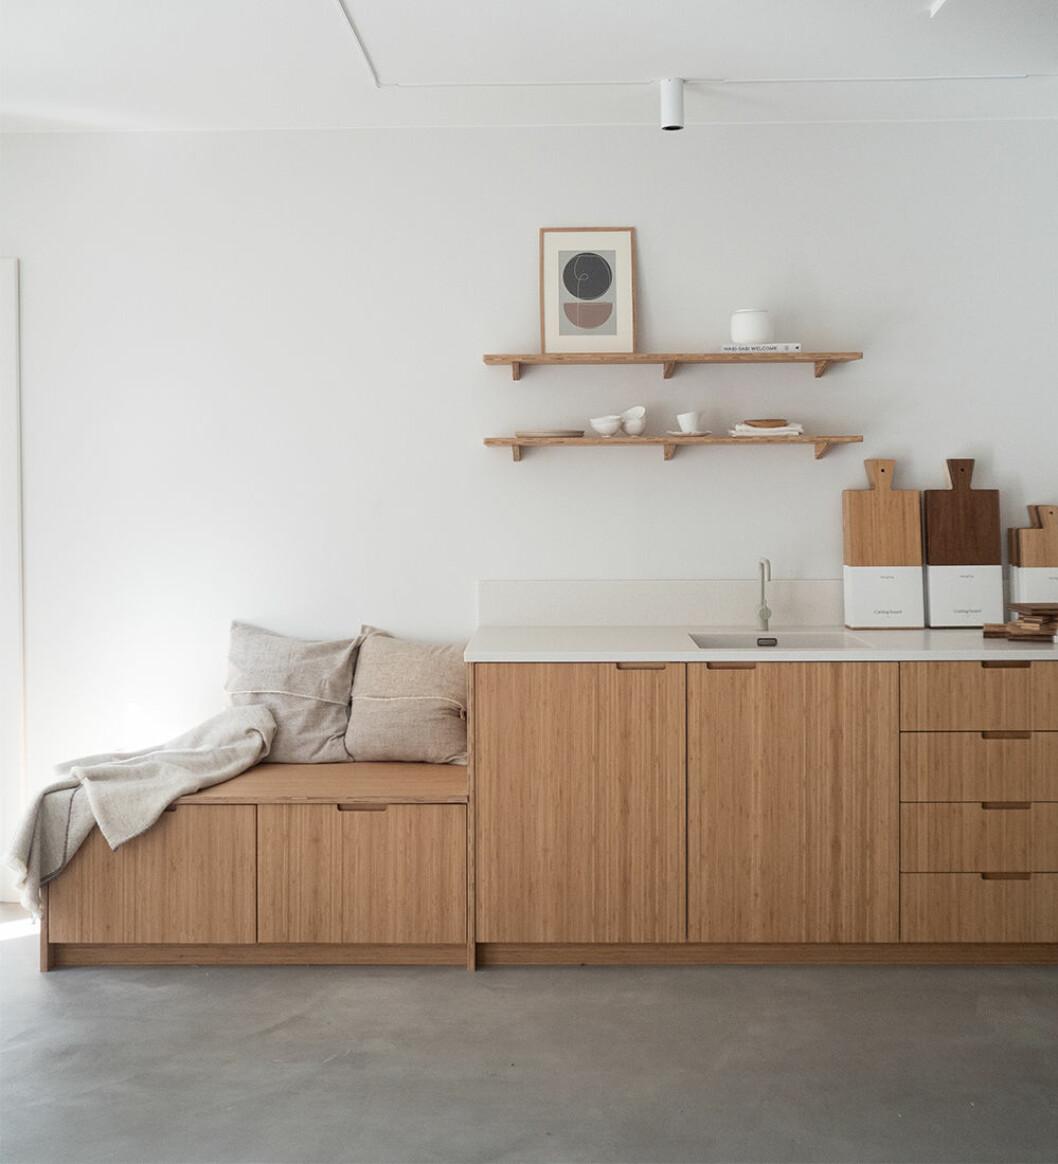 Ikea-kök med hållbara luckor i bambu från Ask og Eng